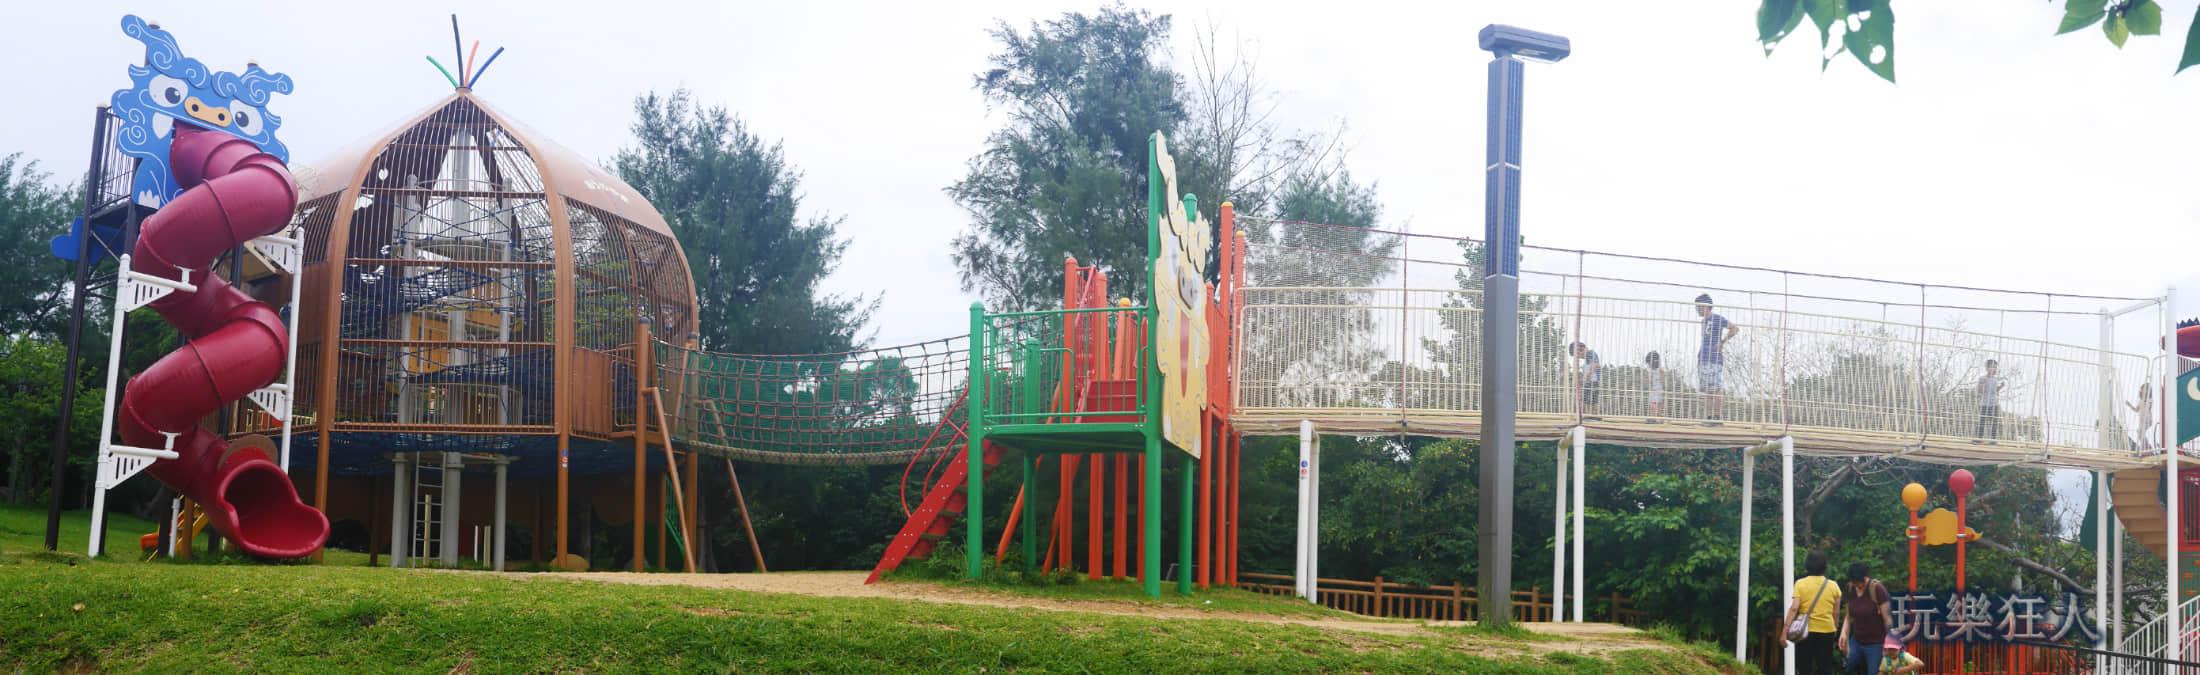 「奥武山公園」山坡上設施